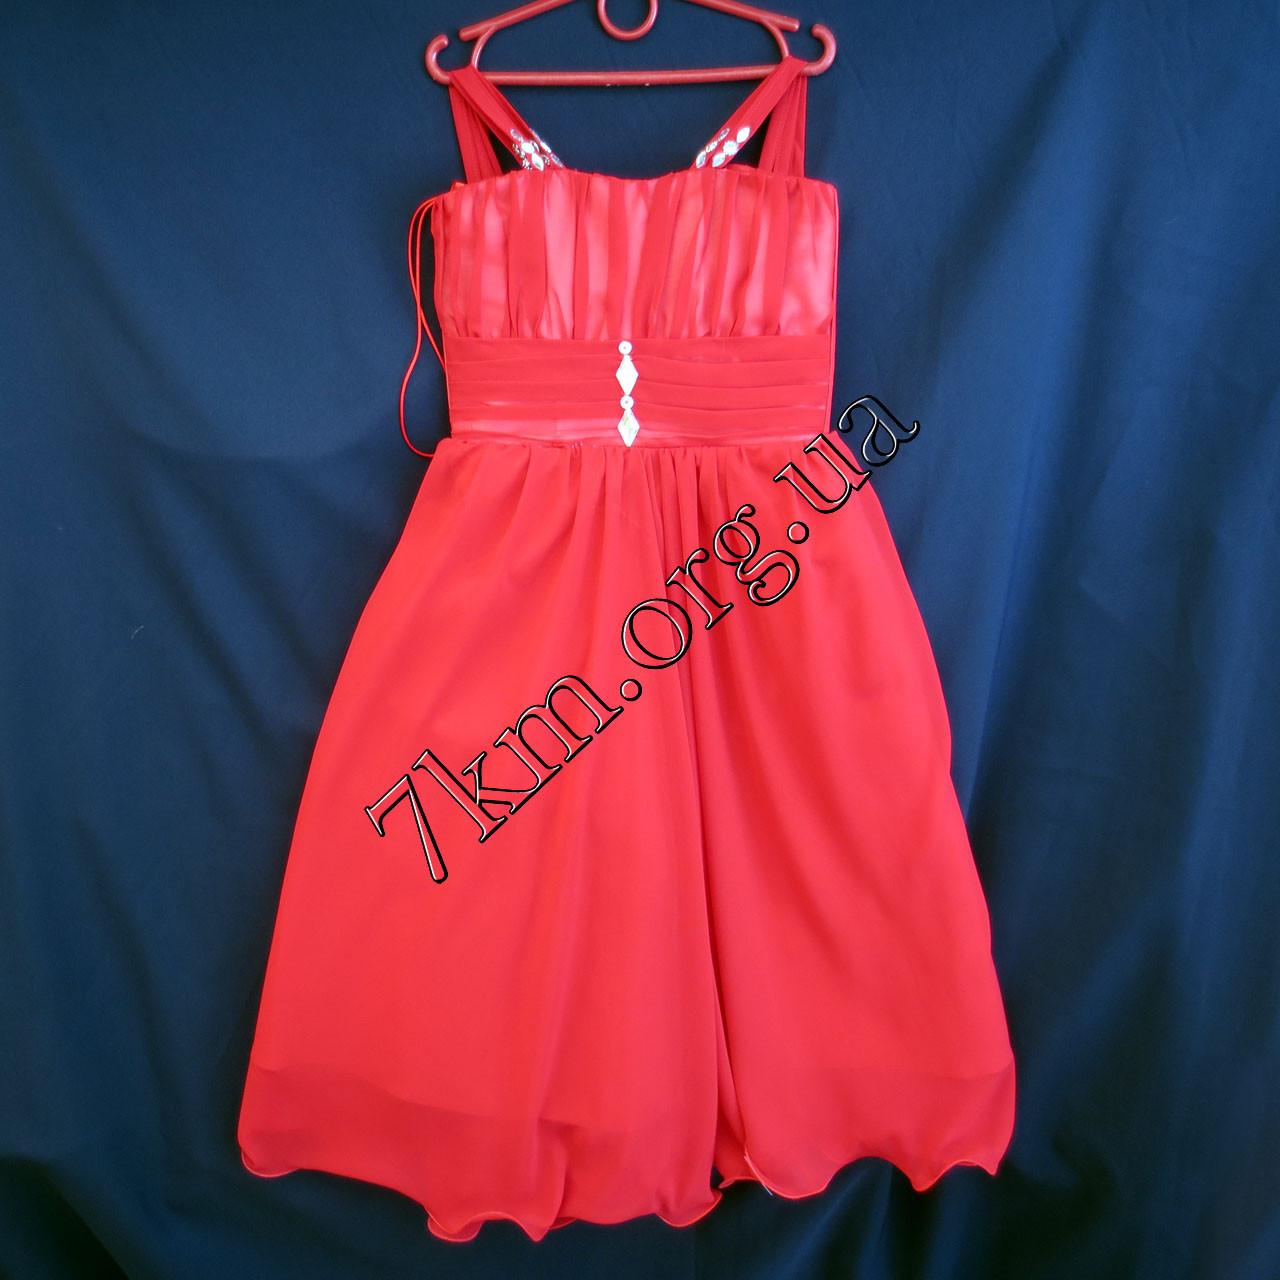 Платье нарядное коктельное детское 6 лет Грация красное Украина оптом.